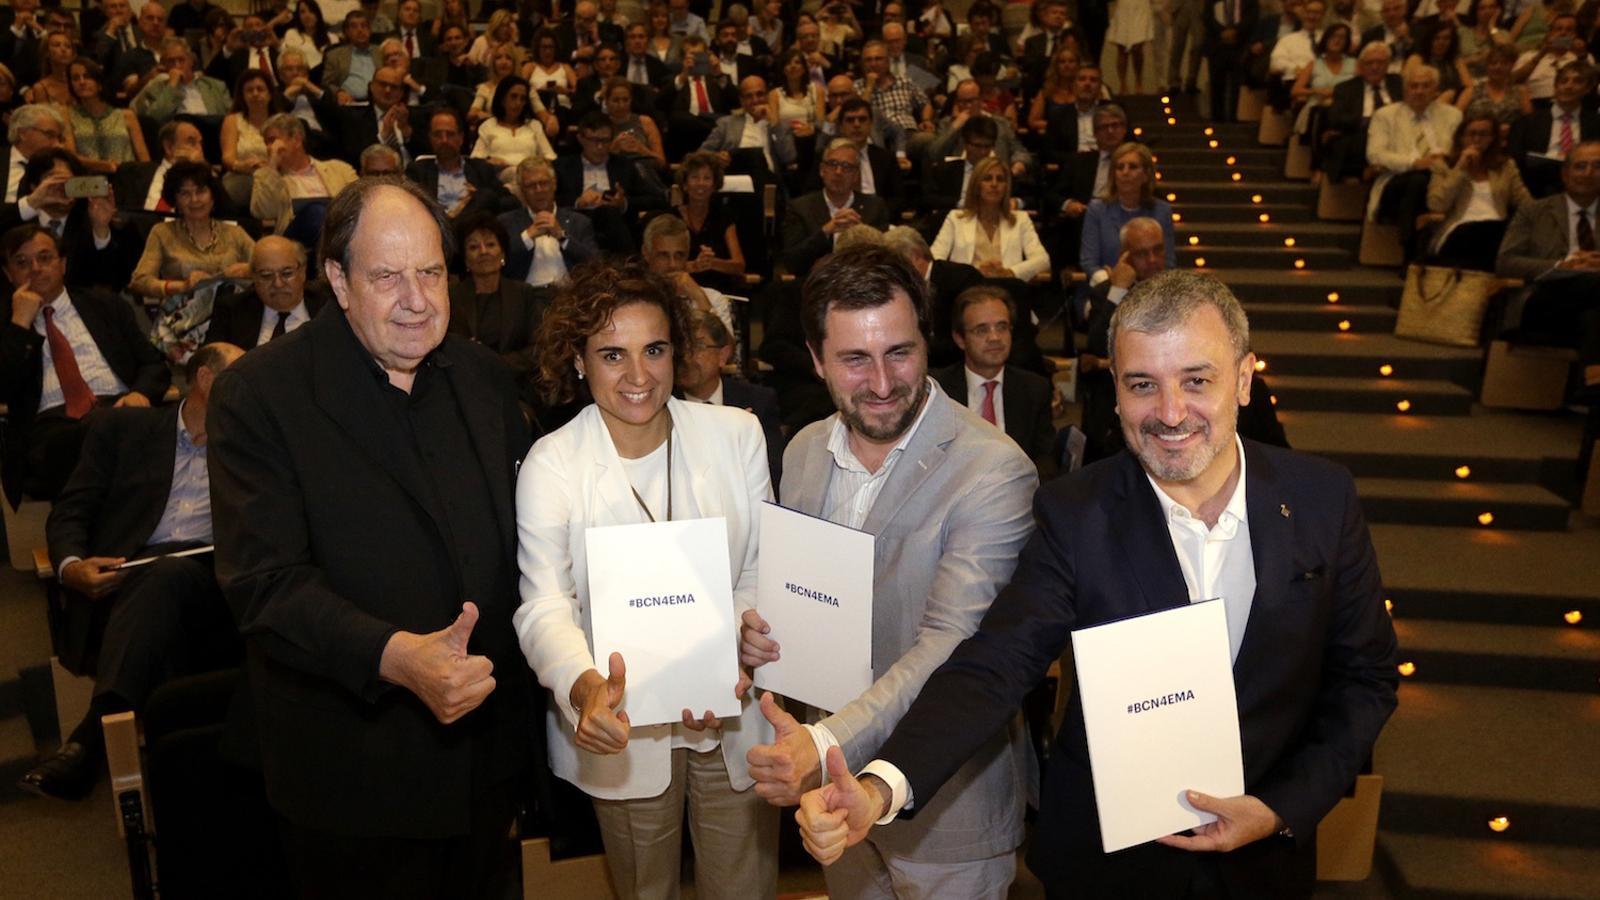 Josep Maria Pou, Dolors Montserrat, Antoni Comín i Jaume Collboni, en l'acte en suport de la candidatura de Barcelona per acollir l'Agència Europea del Medicament el passat mes de juny